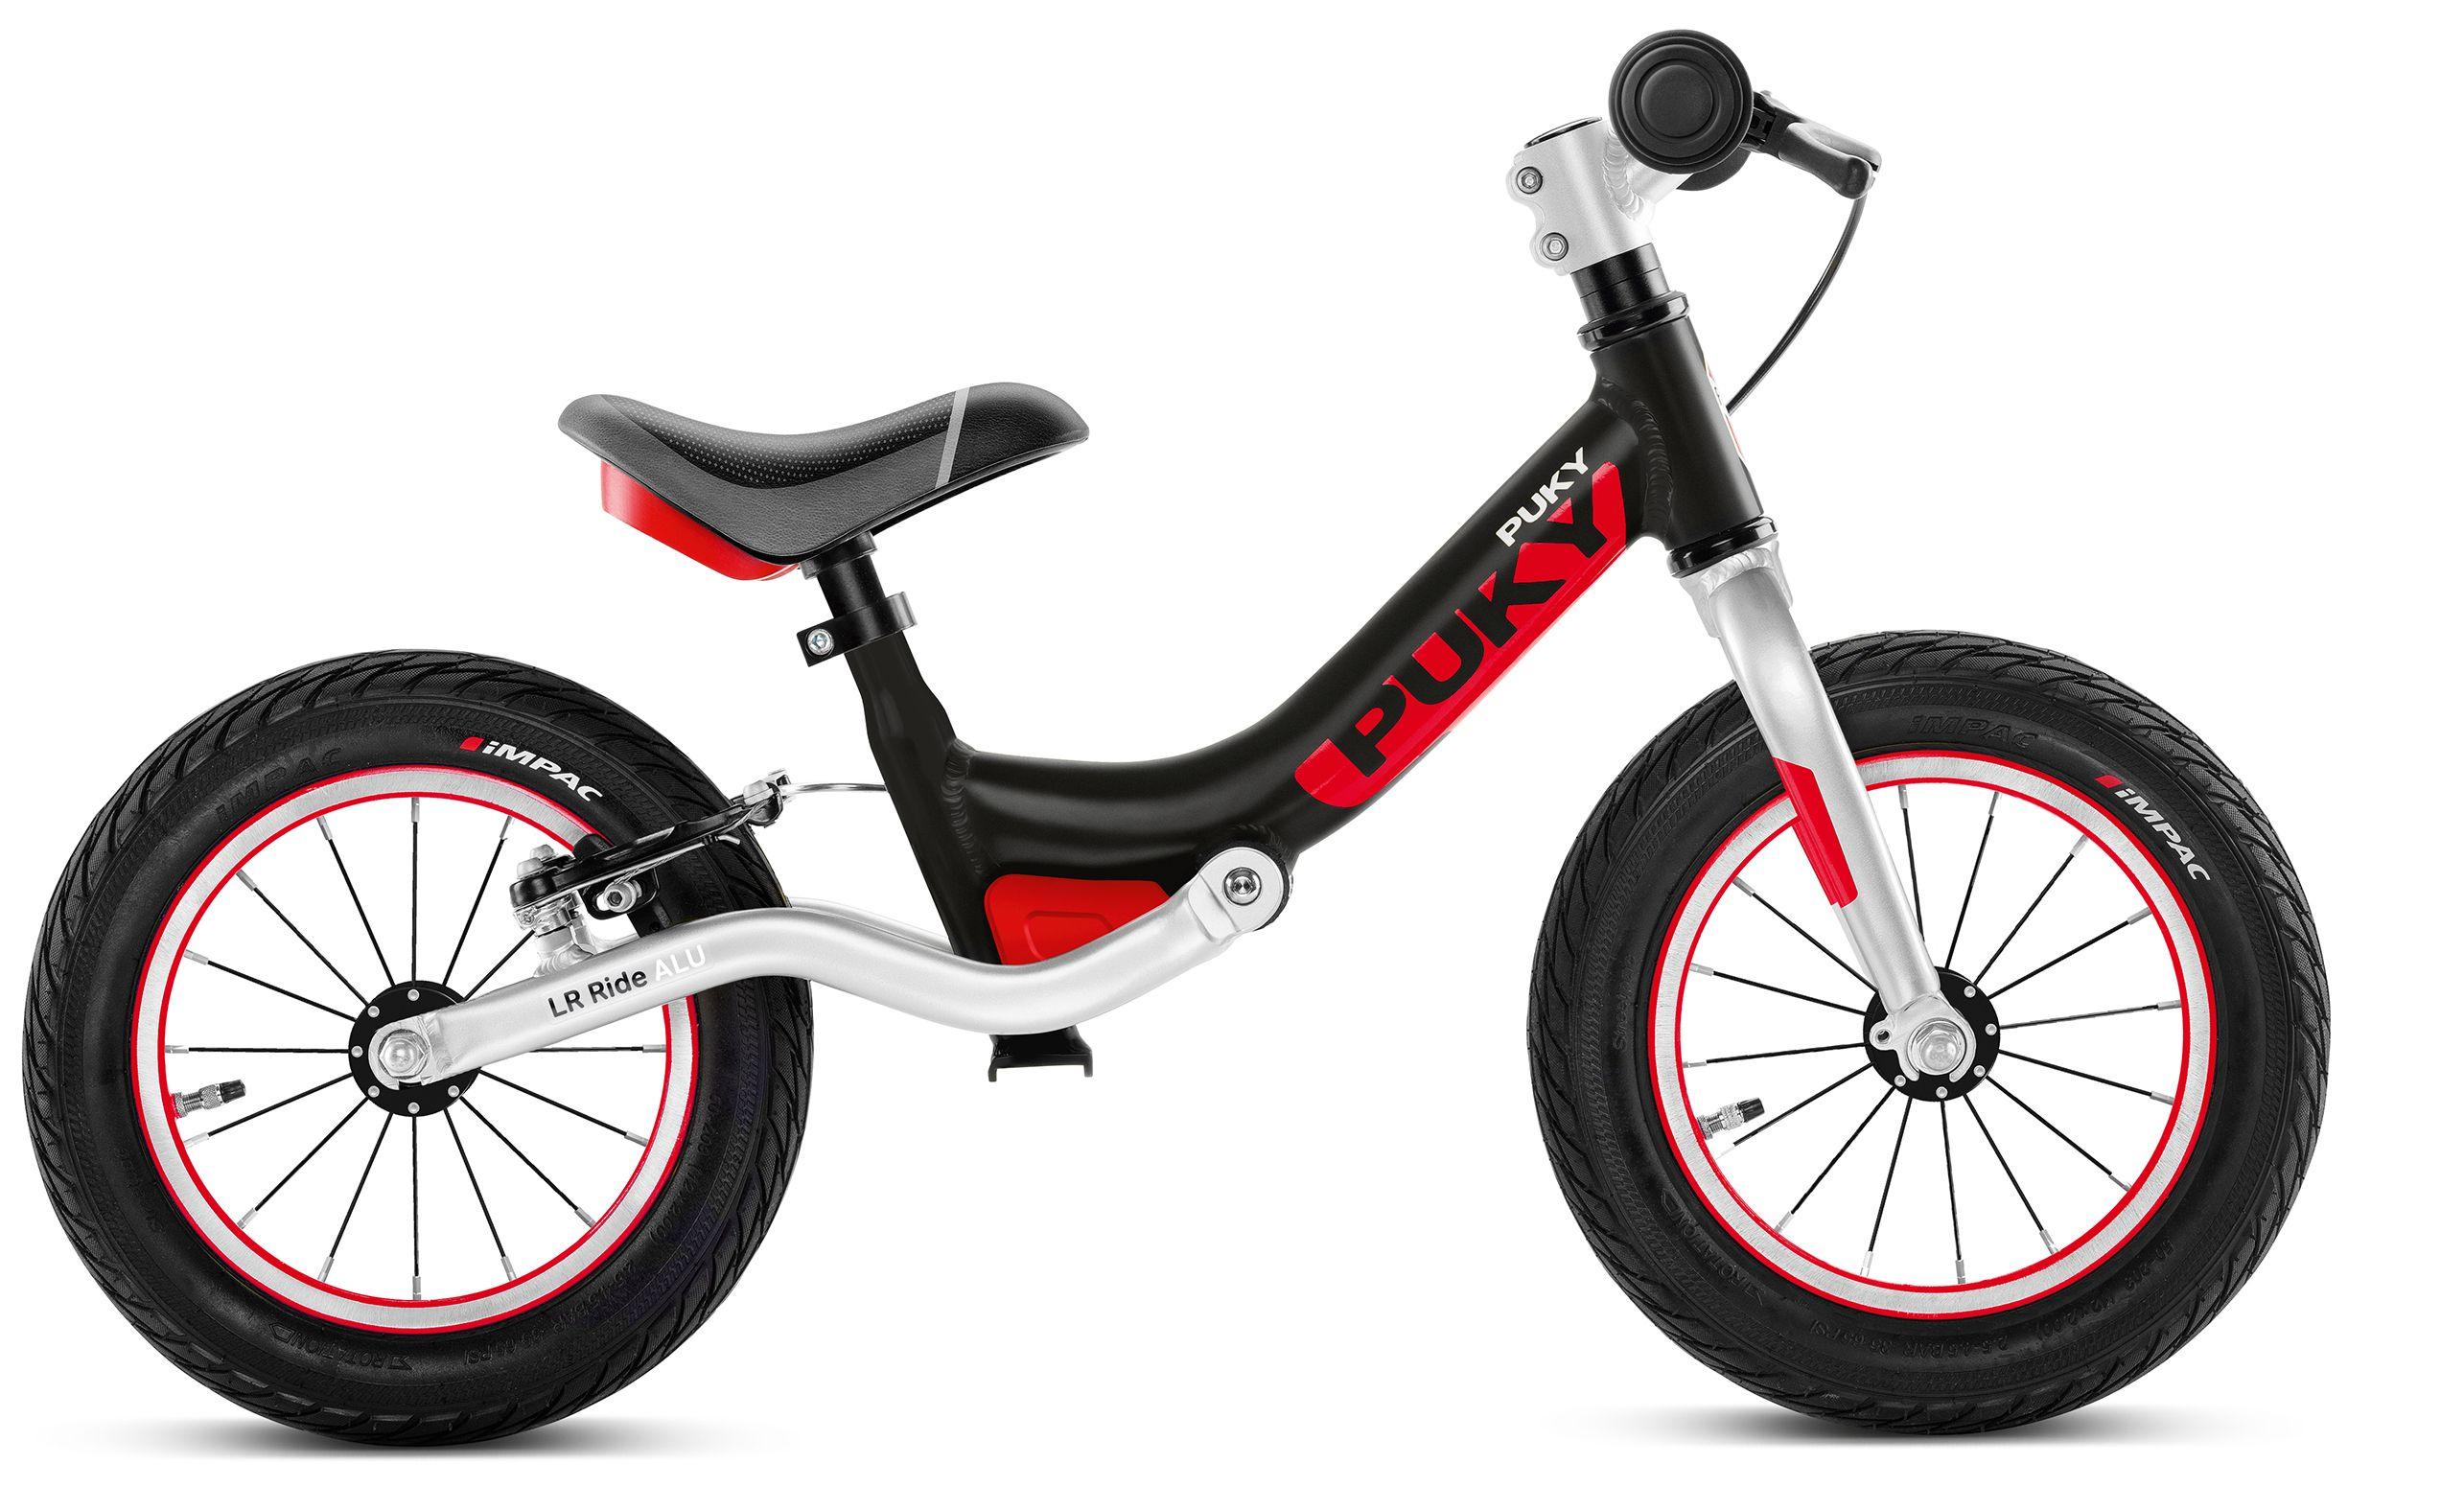 Løbecykel LR Ride Br fra Puky (Sort)